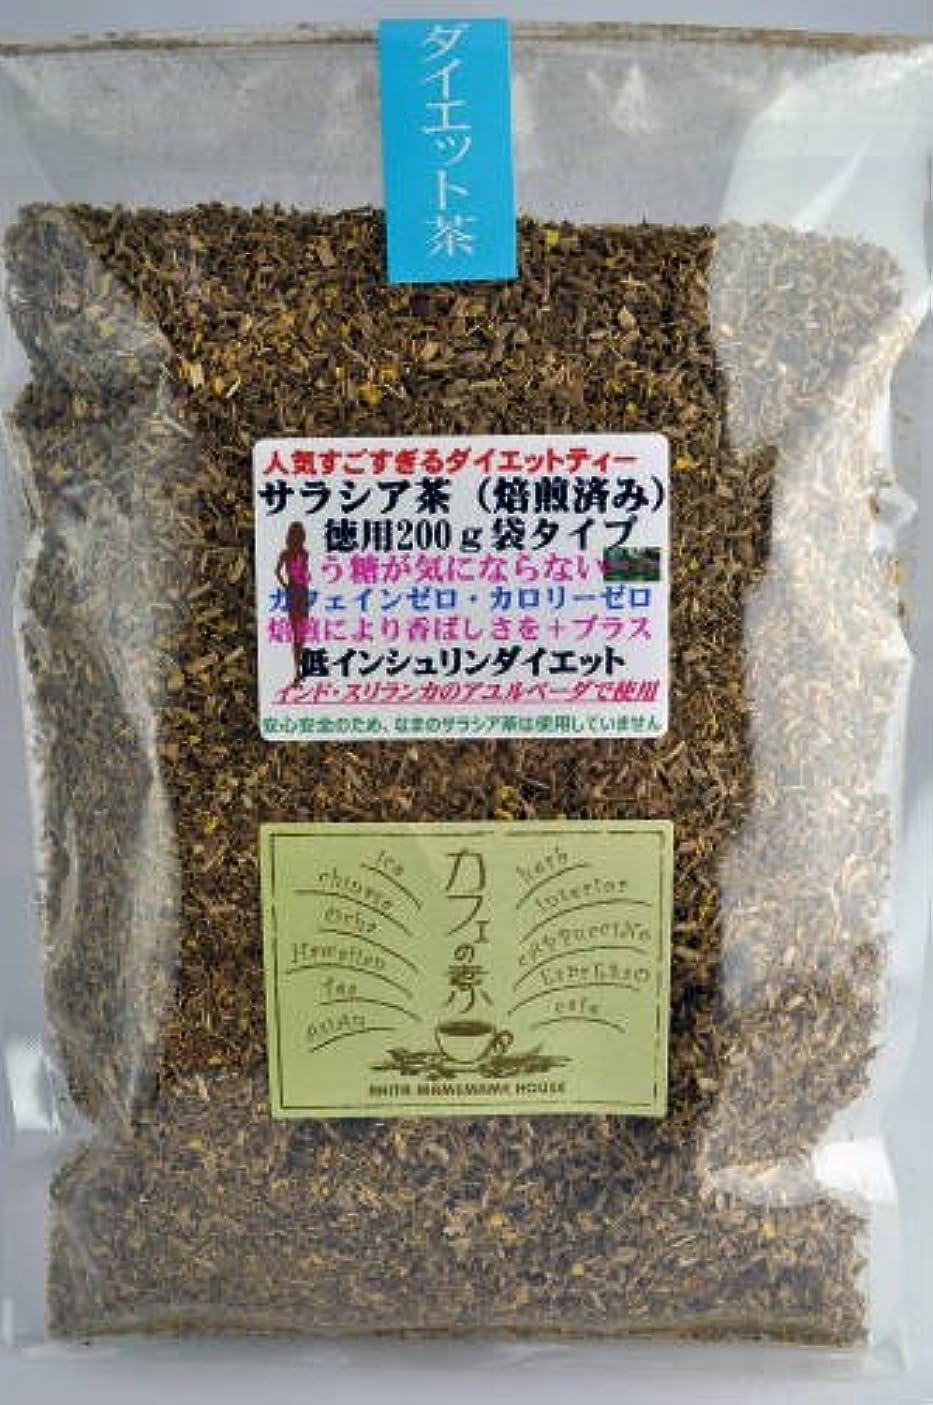 まとめるワイプタワーダイエットサラシア茶(焙煎済み)200g入り【煮出しタイプ】